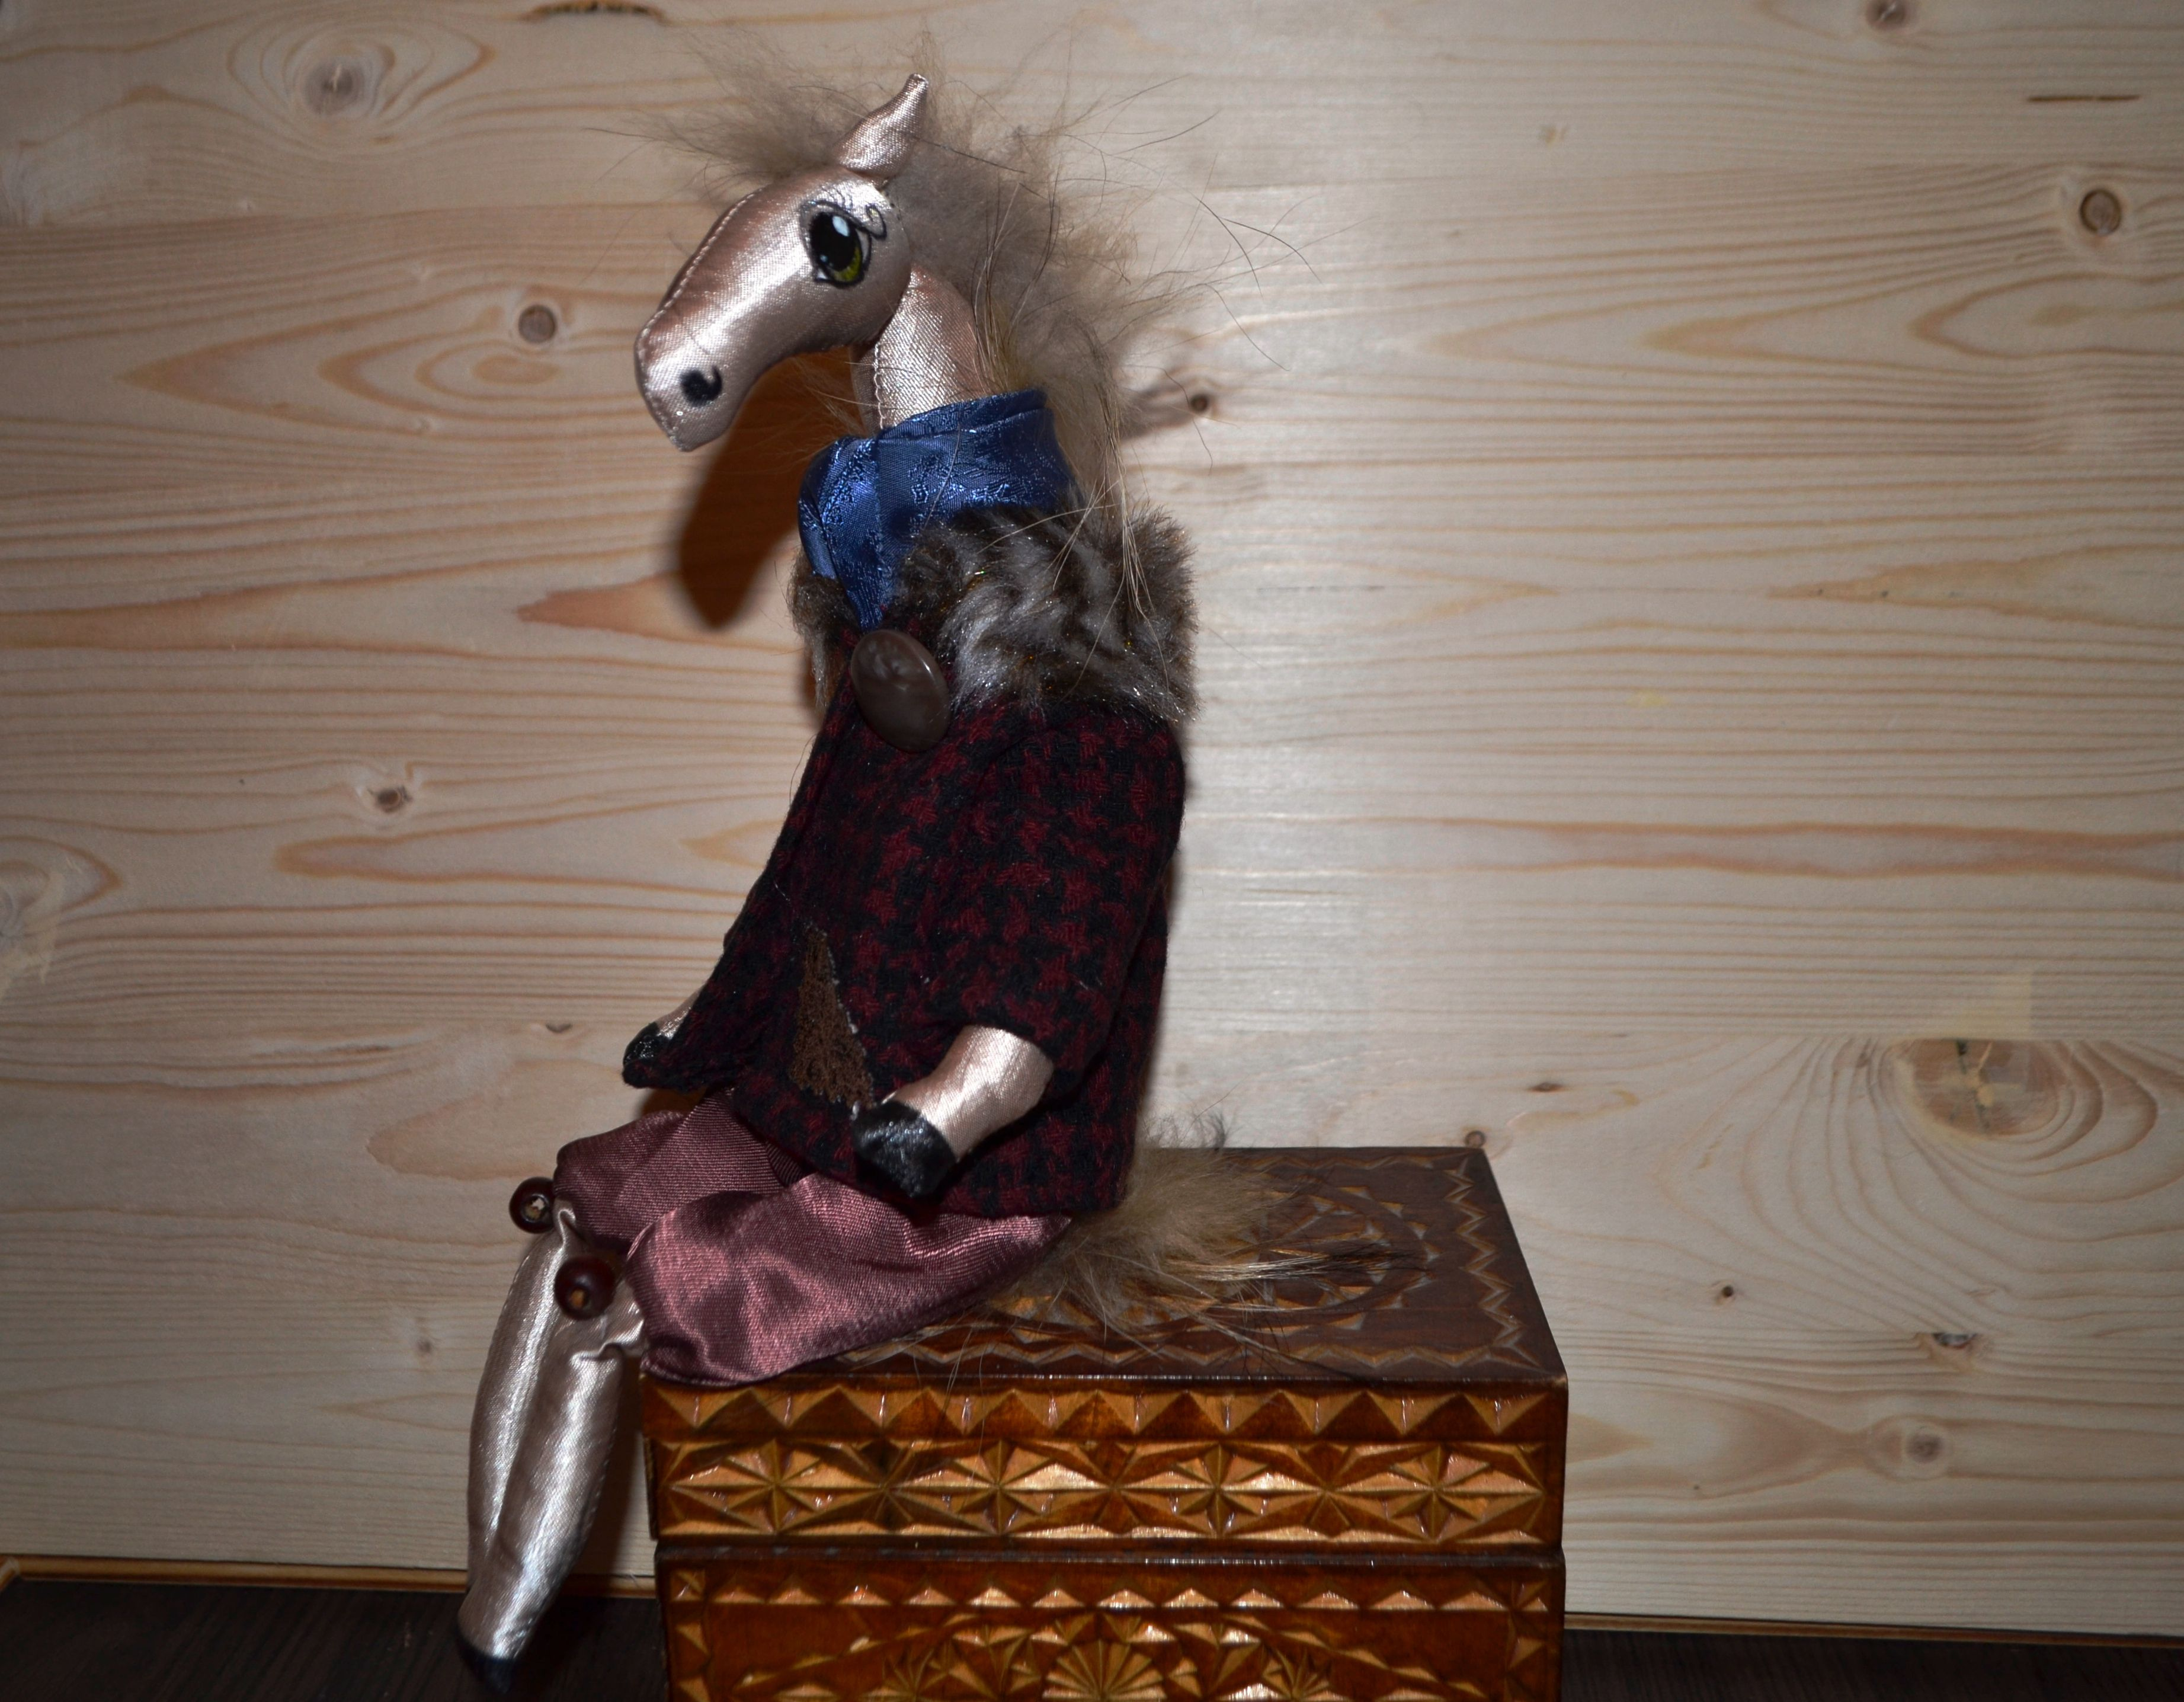 авторская интерьерная игрушка работа кукла текстильная